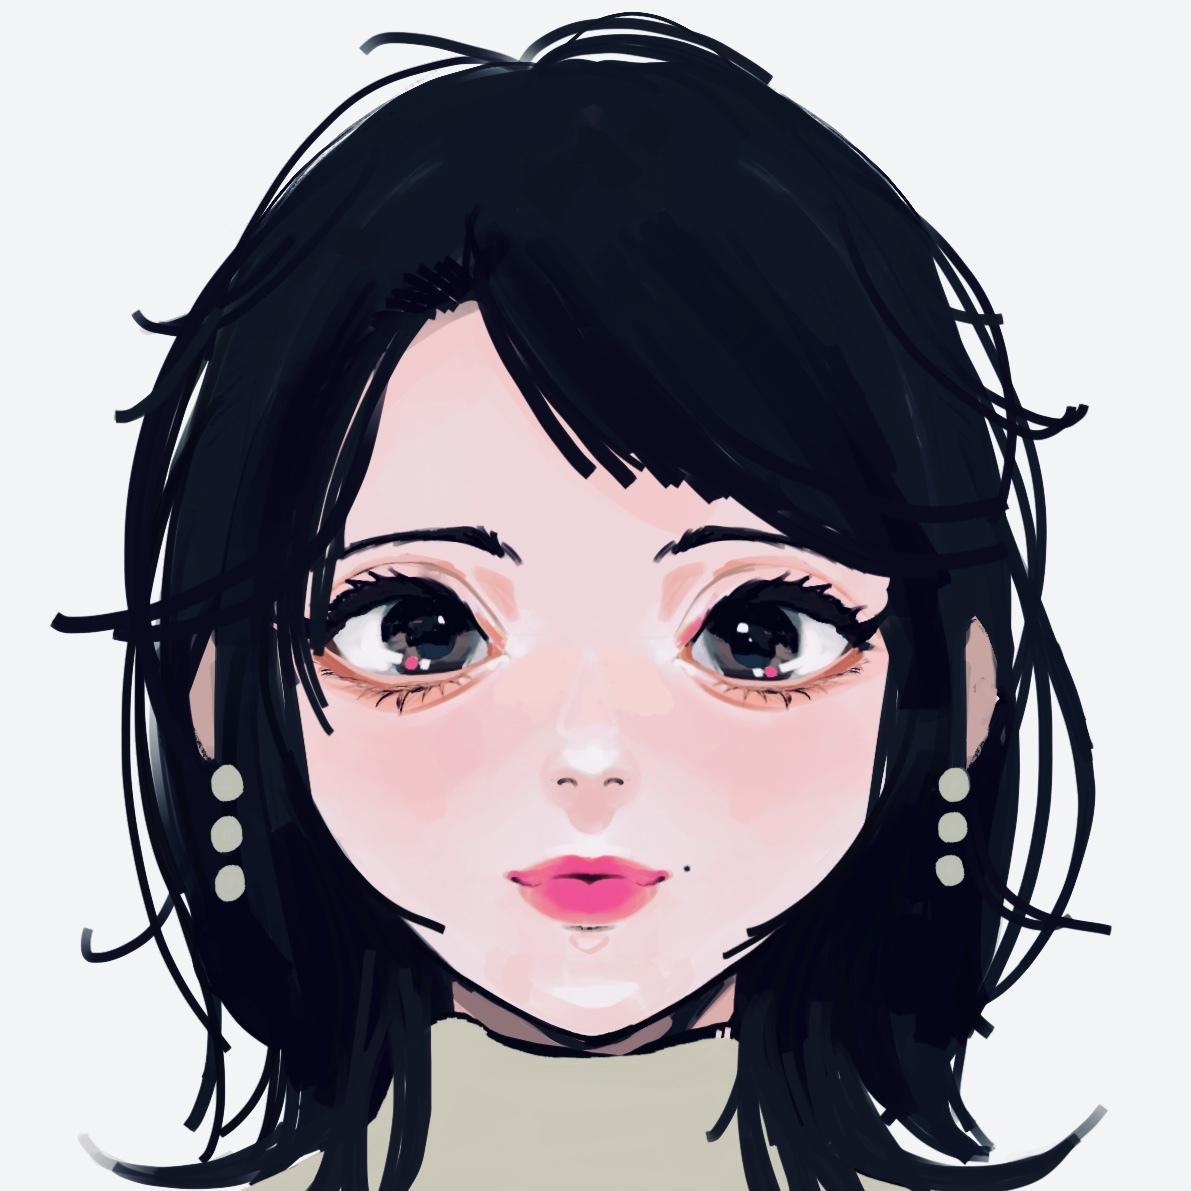 女の子のSNS向けのアイコンを描きます お洒落な女の子向けイラスト!お好みのメイクで仕上げます!